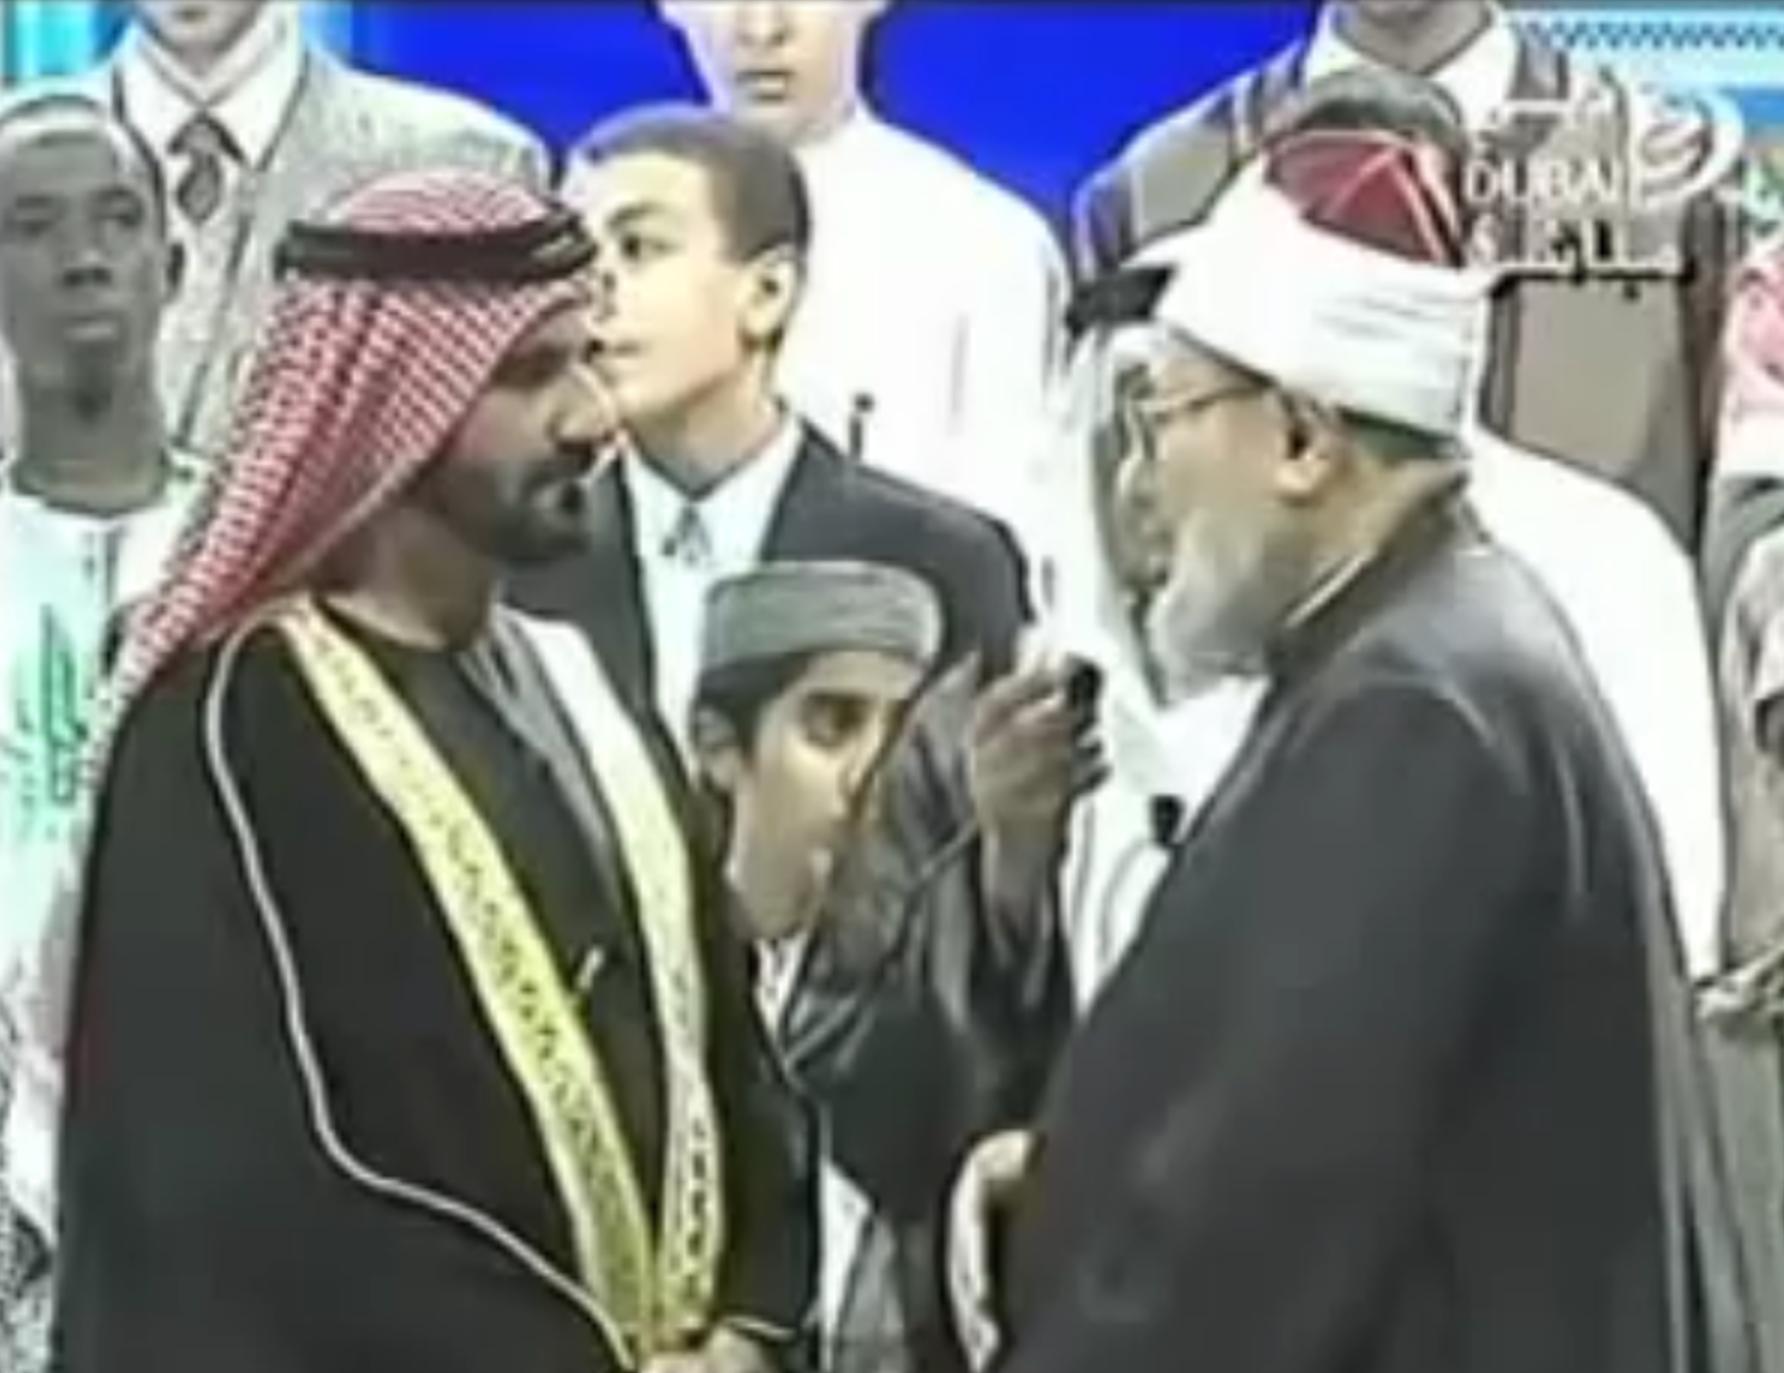 Торжественный прием шейха Кардави руководством ОАЭ